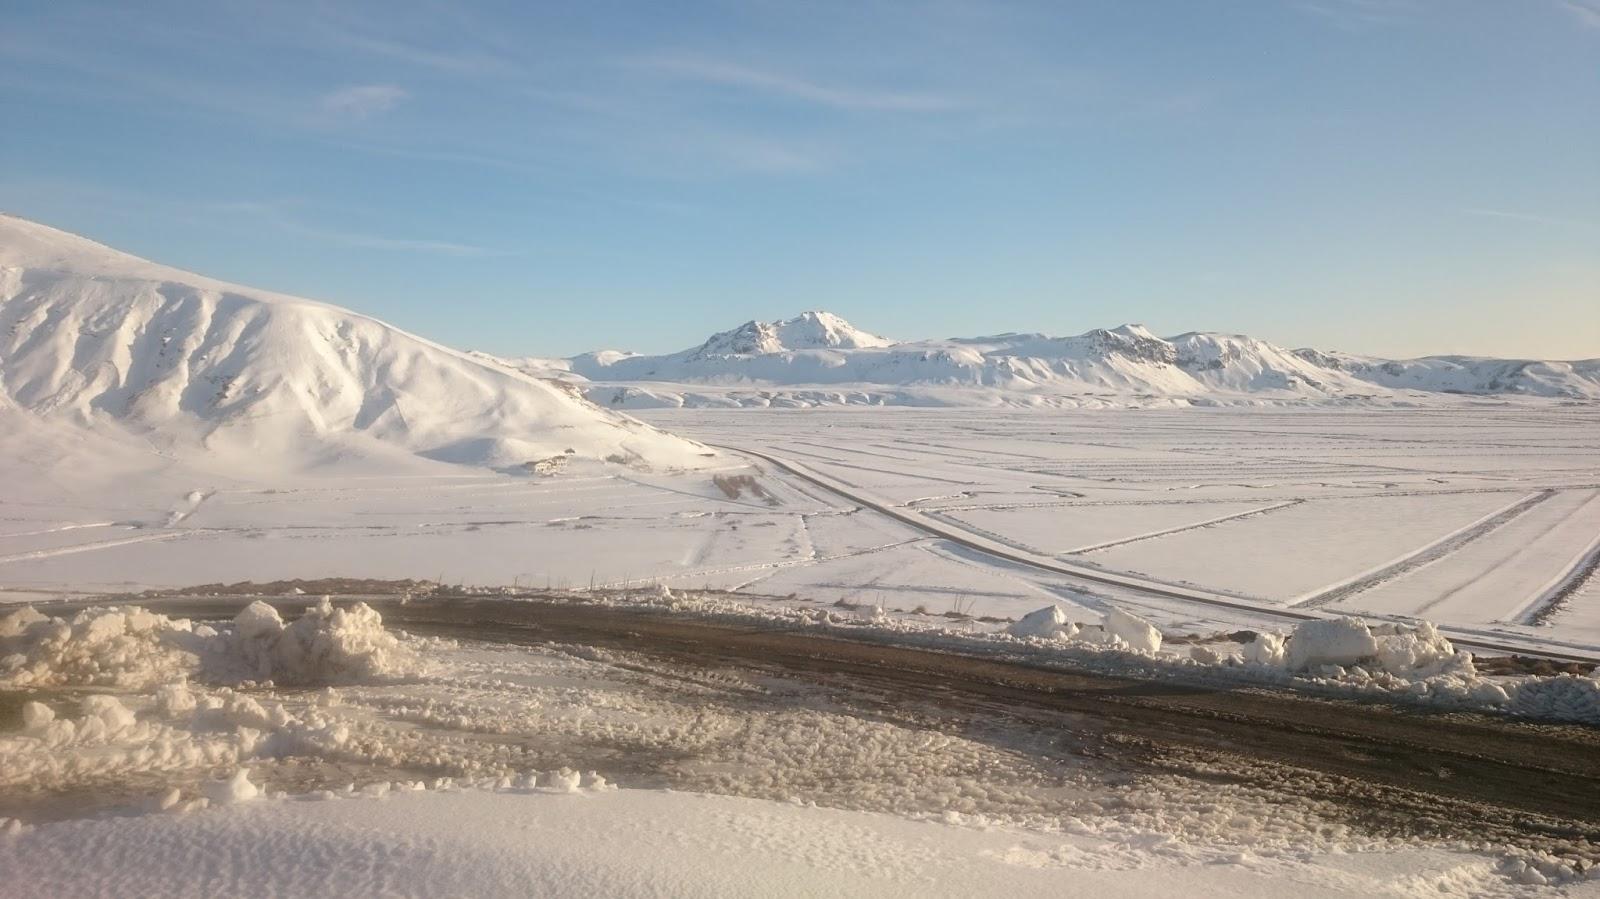 islandzka zima, zima, atrakcje Islandii, co zwiedzic w Islandii, zwiedzanie Islandii